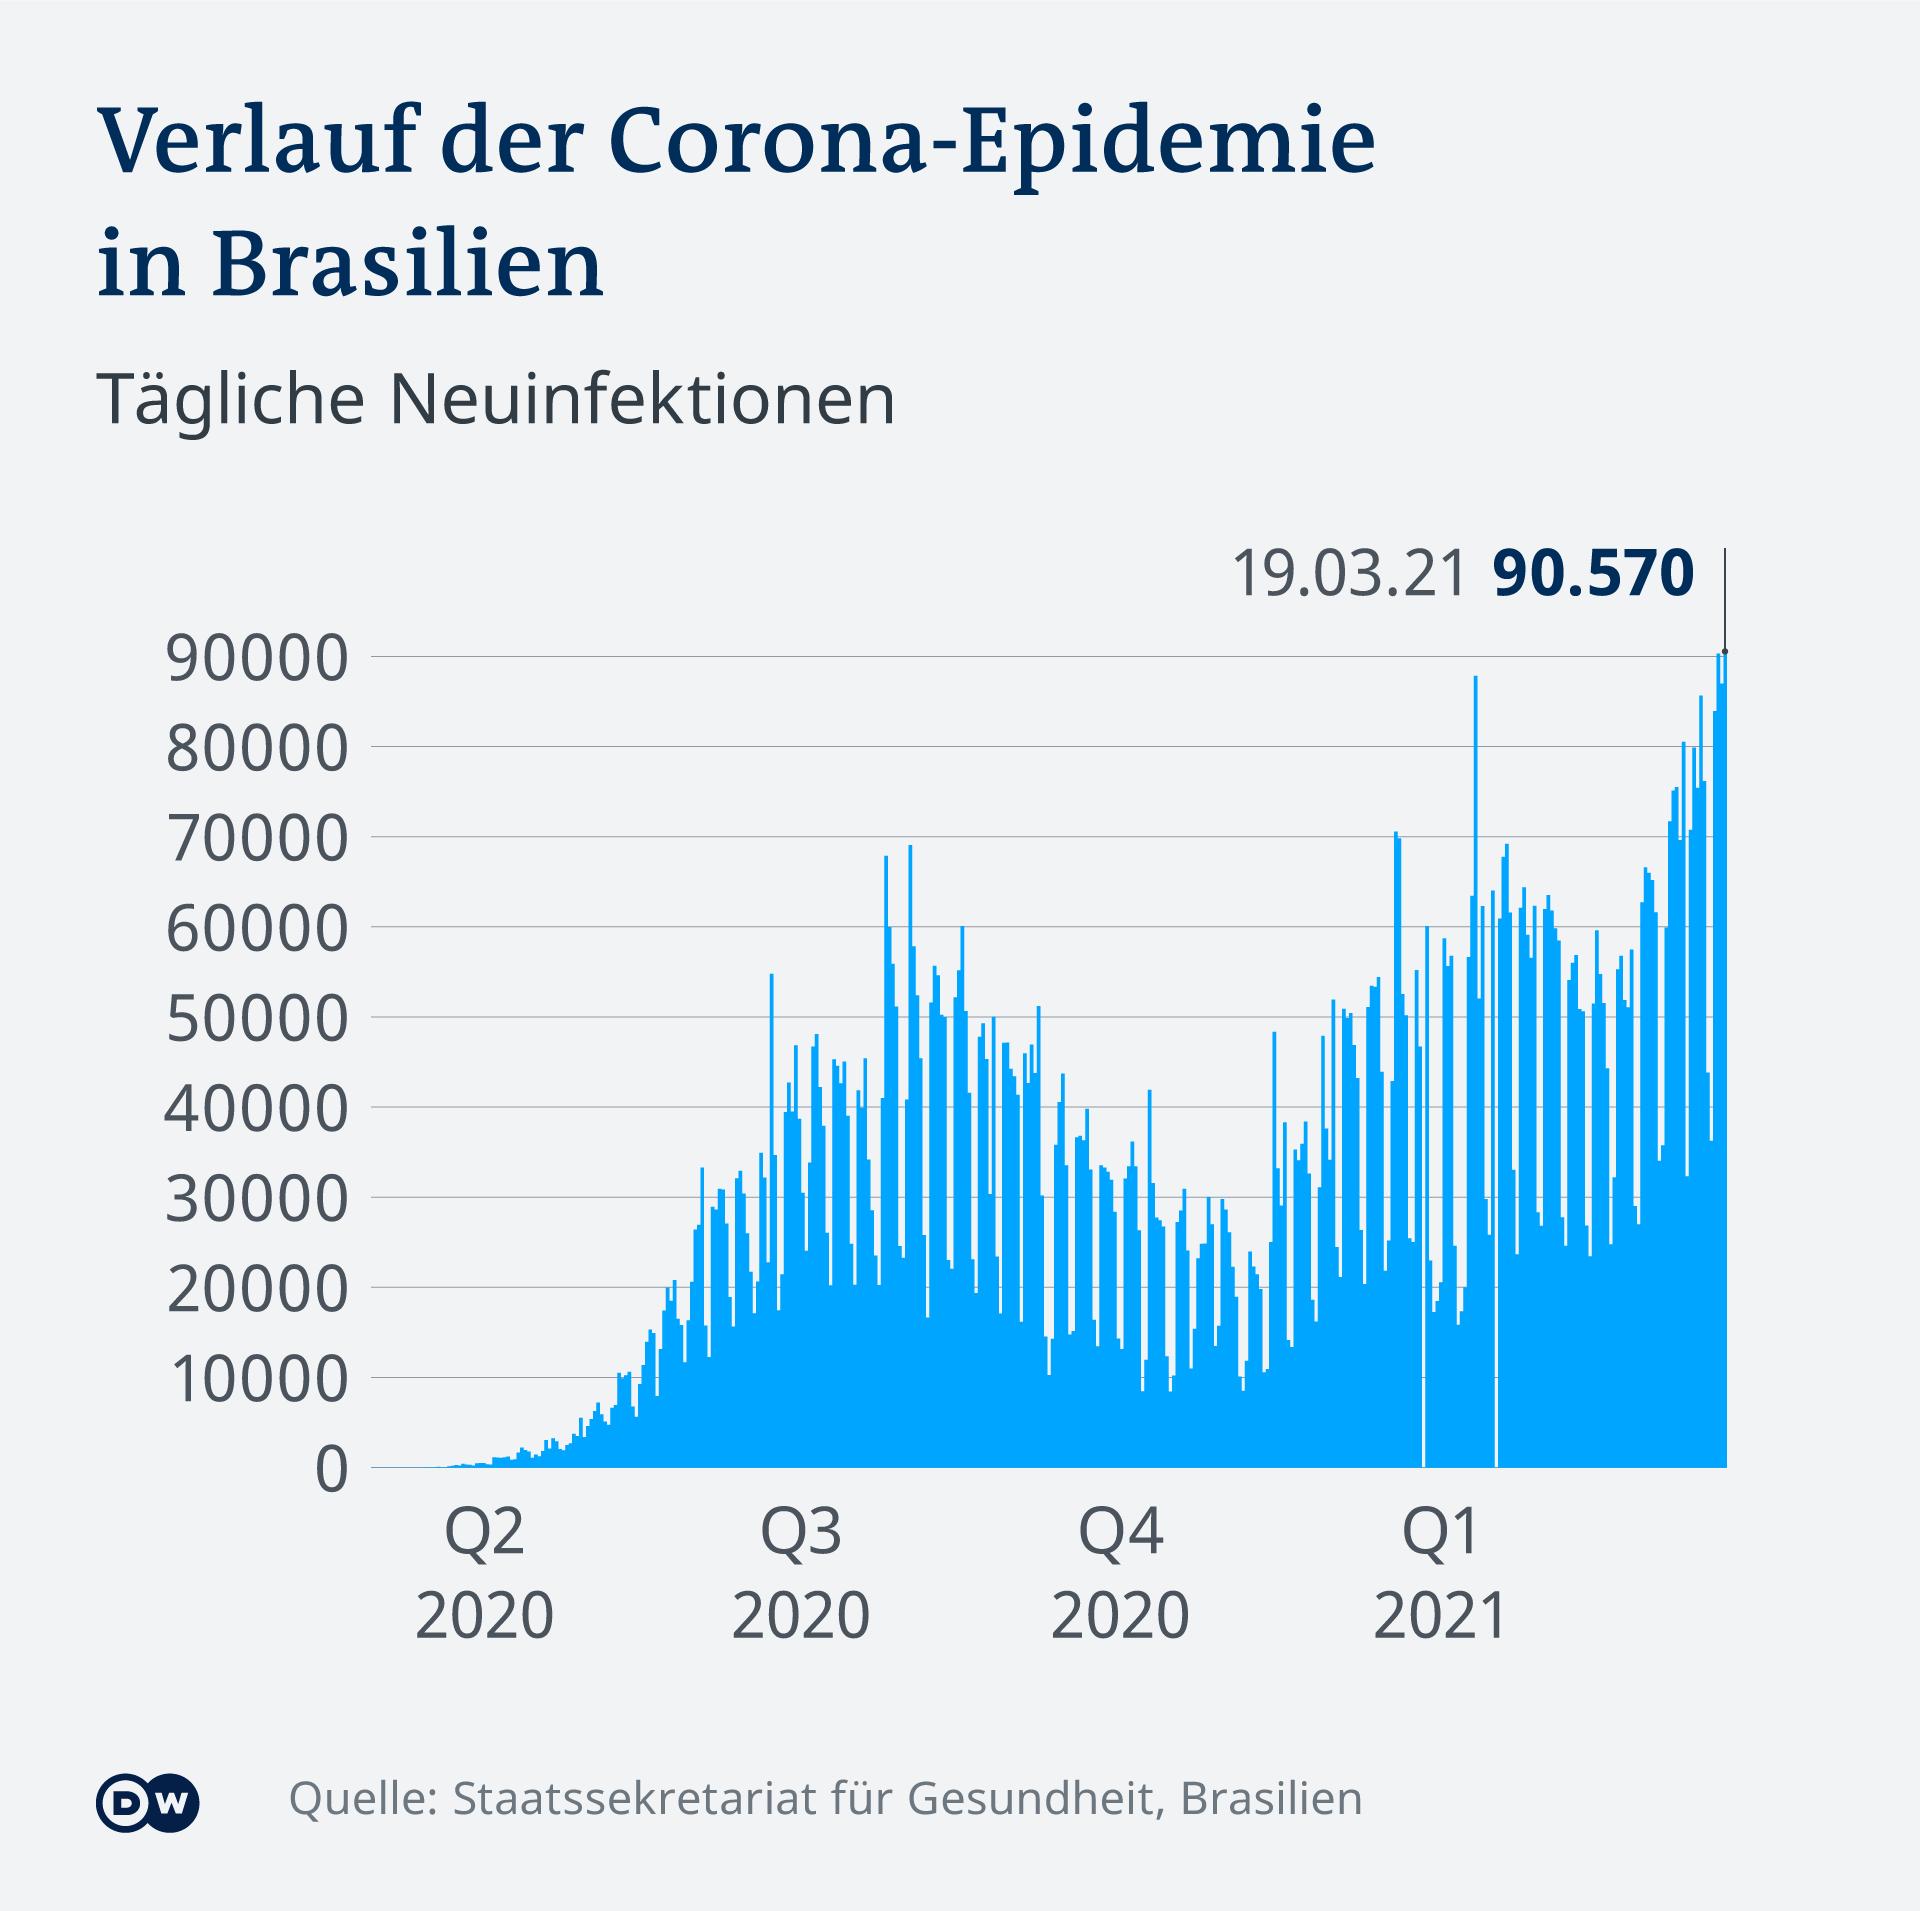 Infográfico da trajetória da epidemia de Corona no Brasil D.